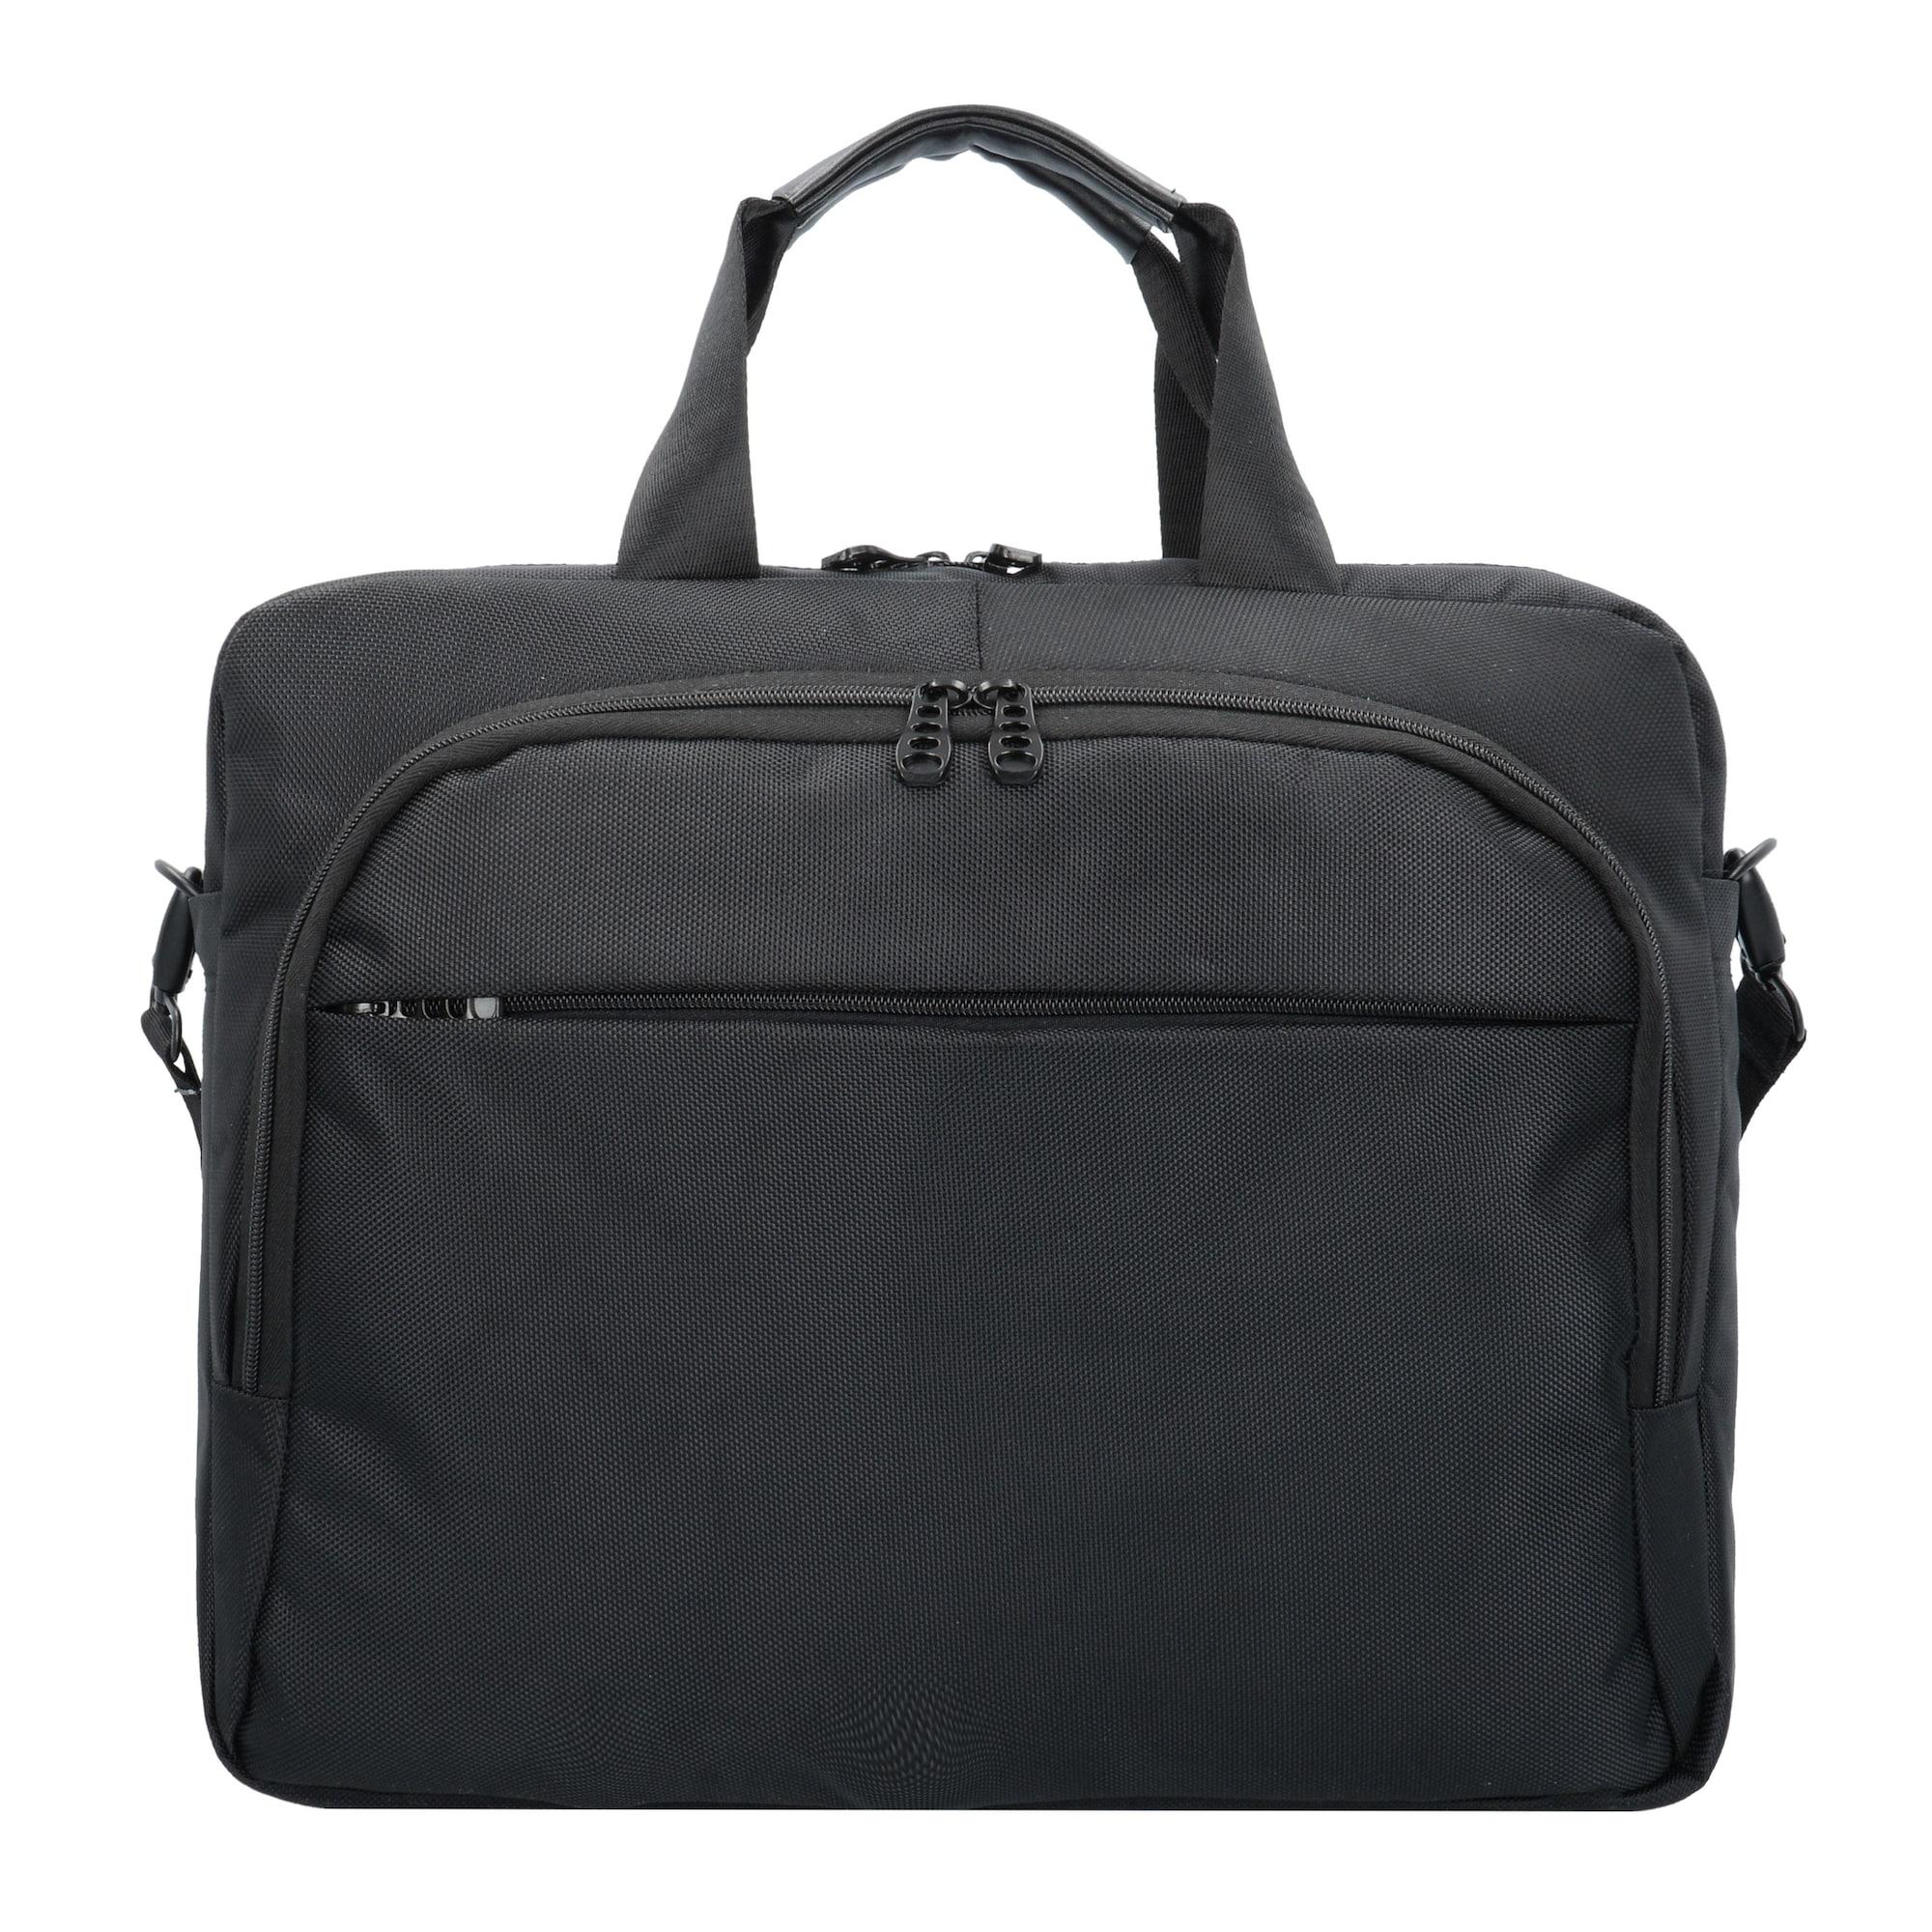 Laptoptasche 'Easy Business' | Taschen > Business Taschen > Laptoptaschen | D&N